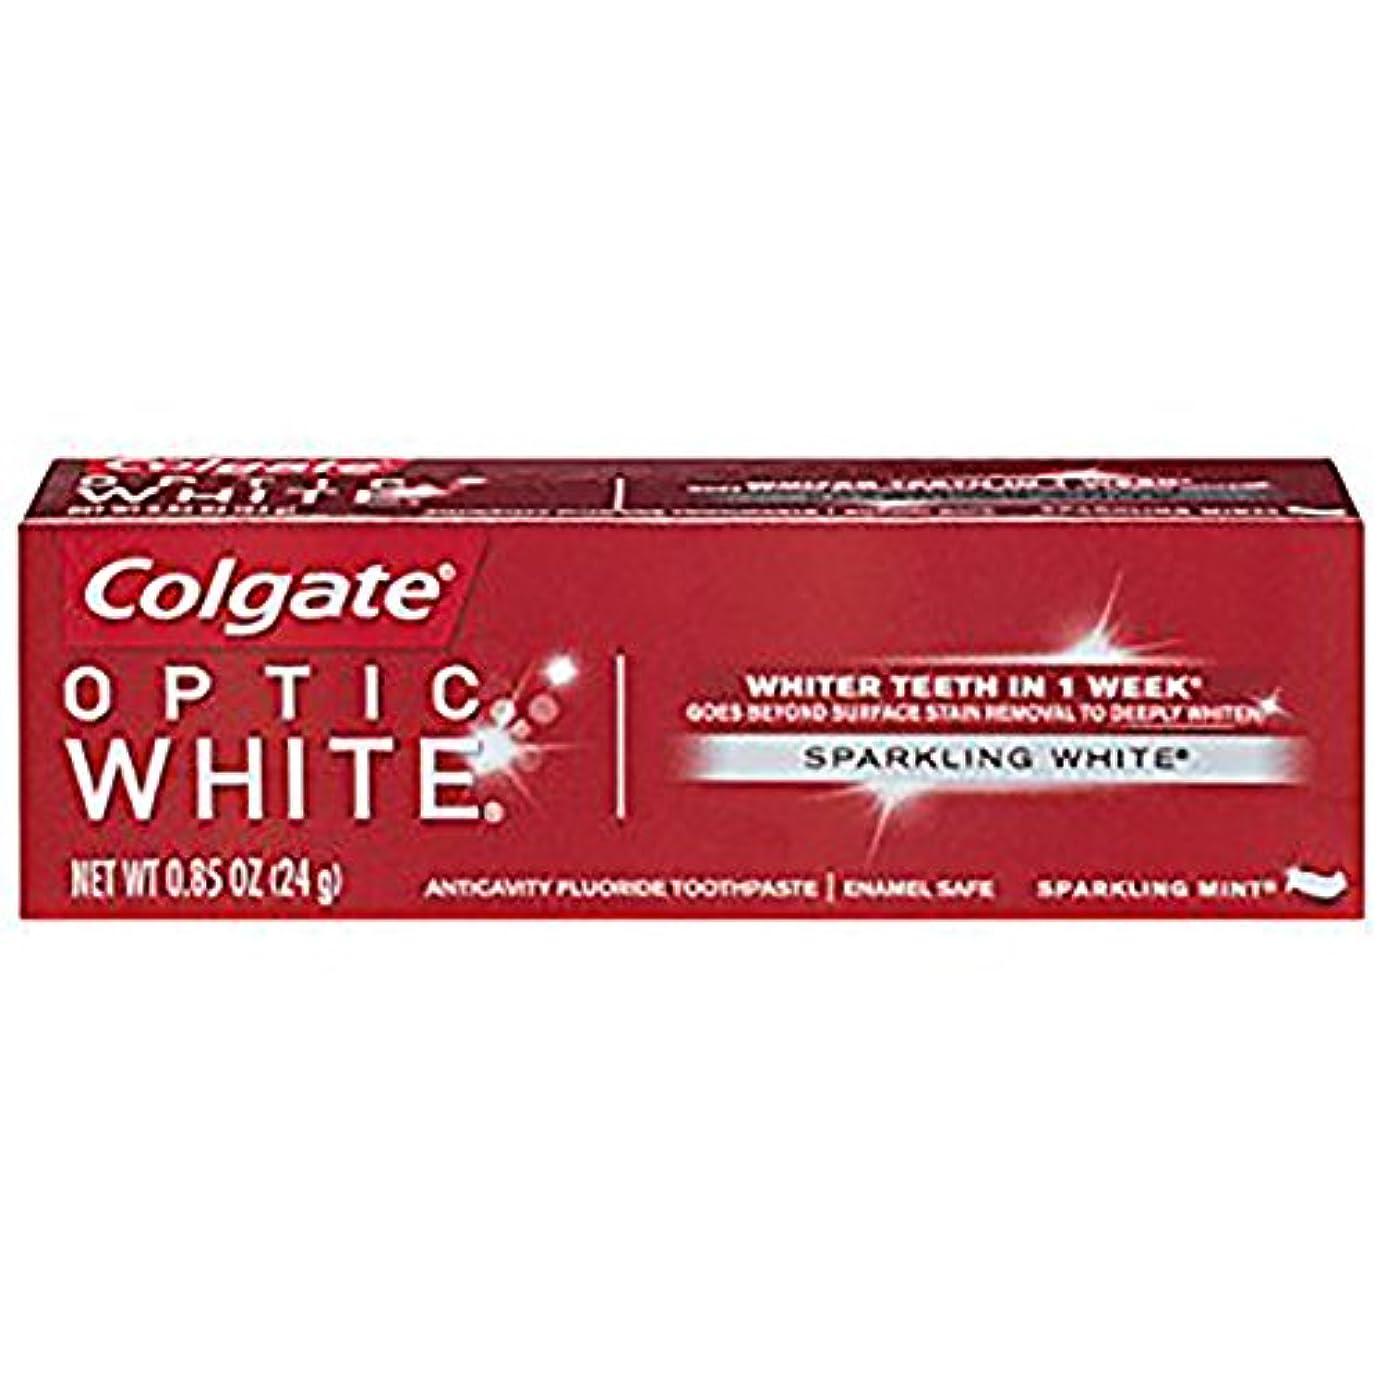 悲鳴リース識別コルゲート ホワイトニング Colgate 24g Optic White Sparkling White 白い歯 歯磨き粉 ミント